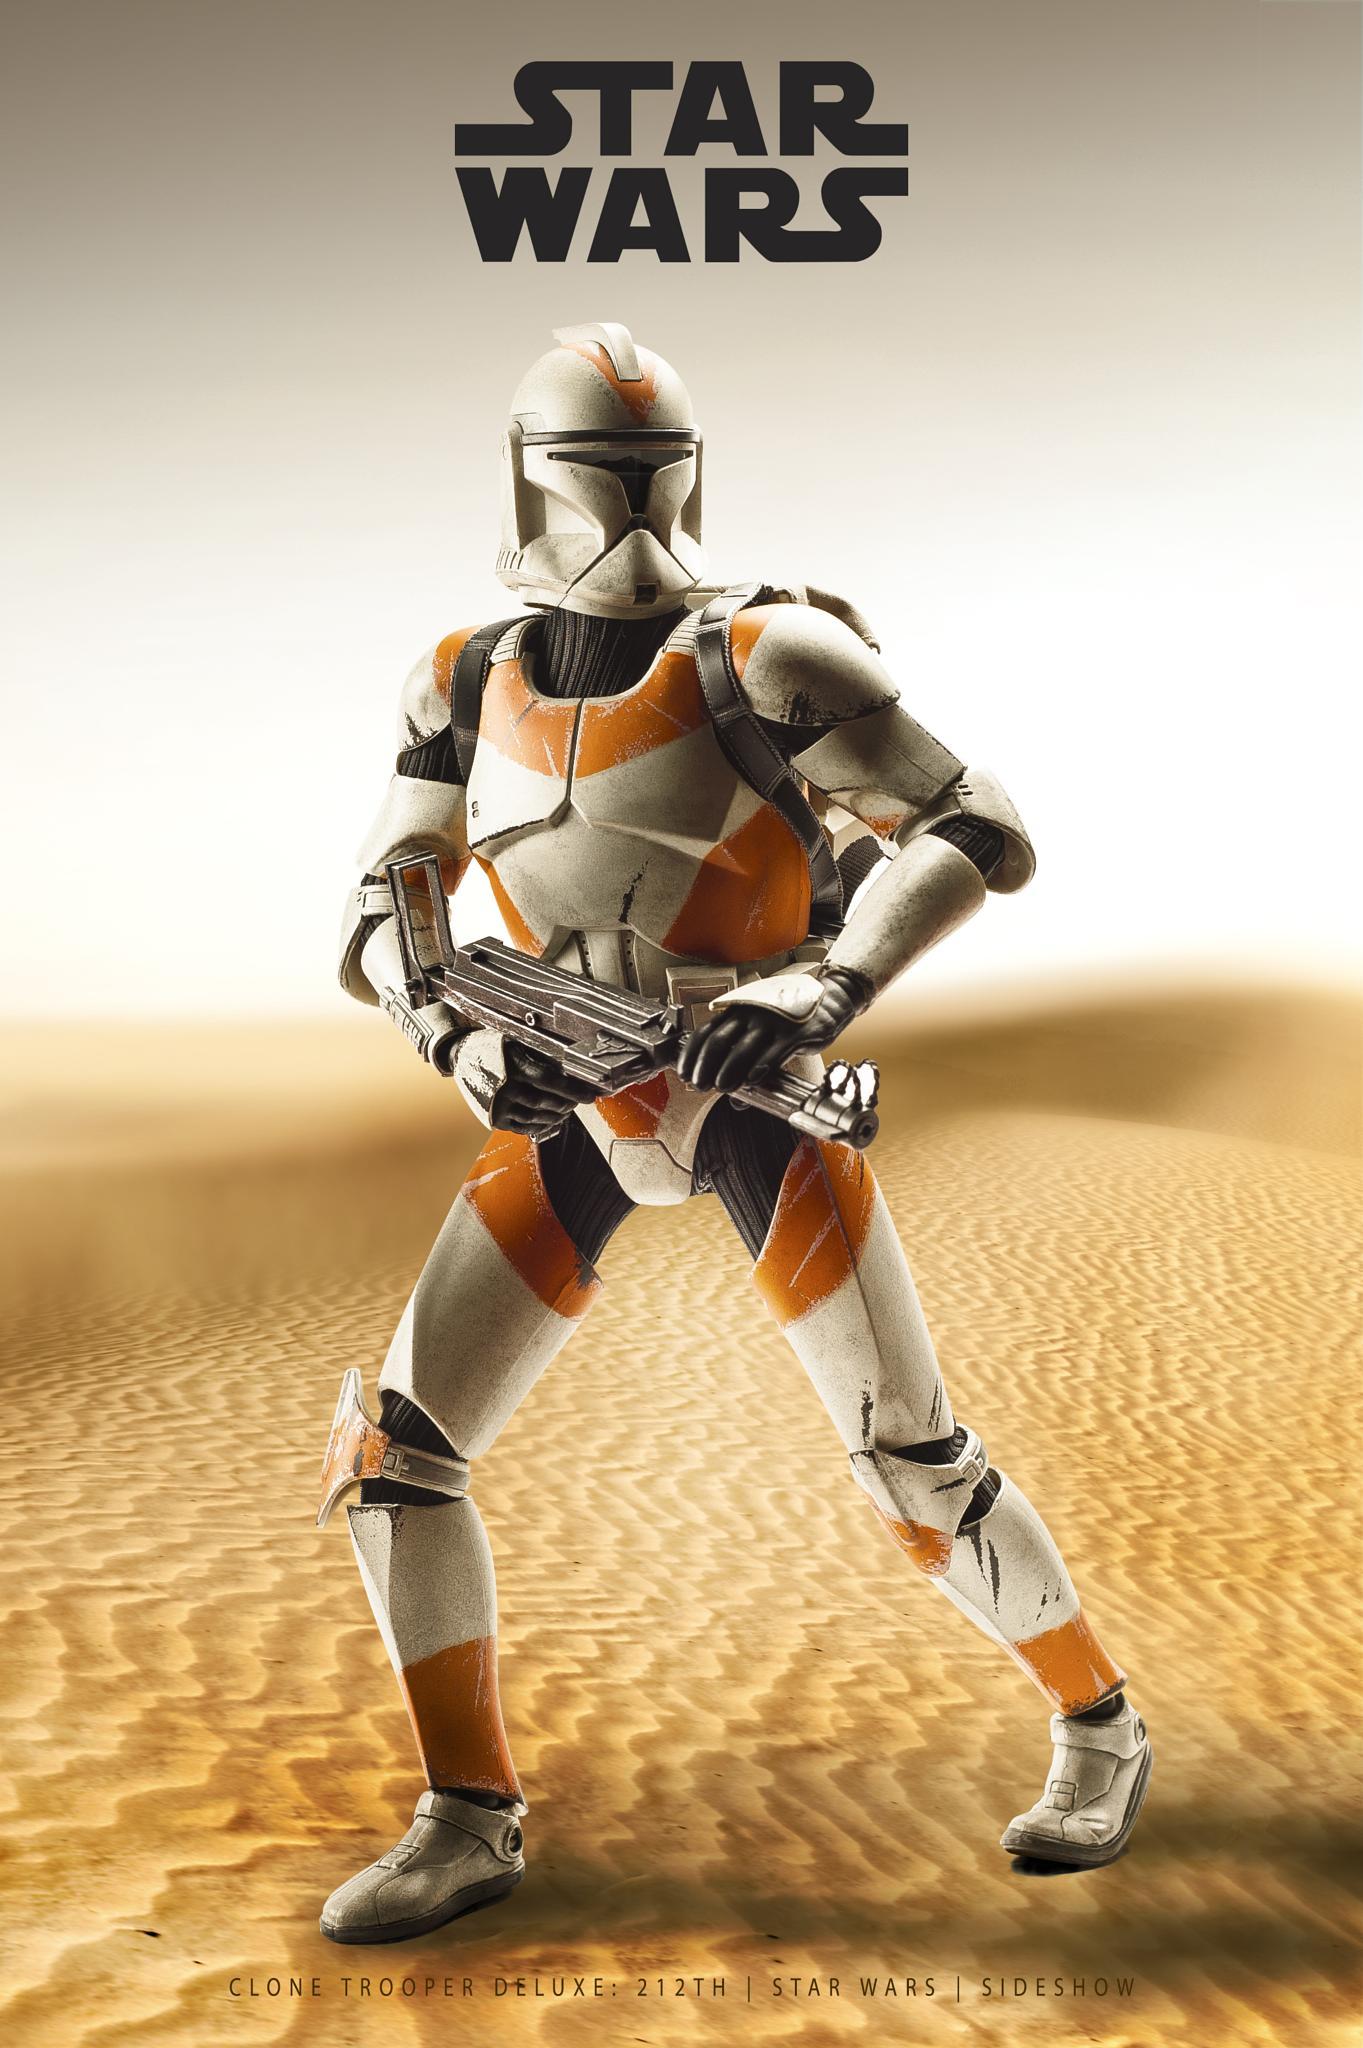 Star Wars by Aldo VC